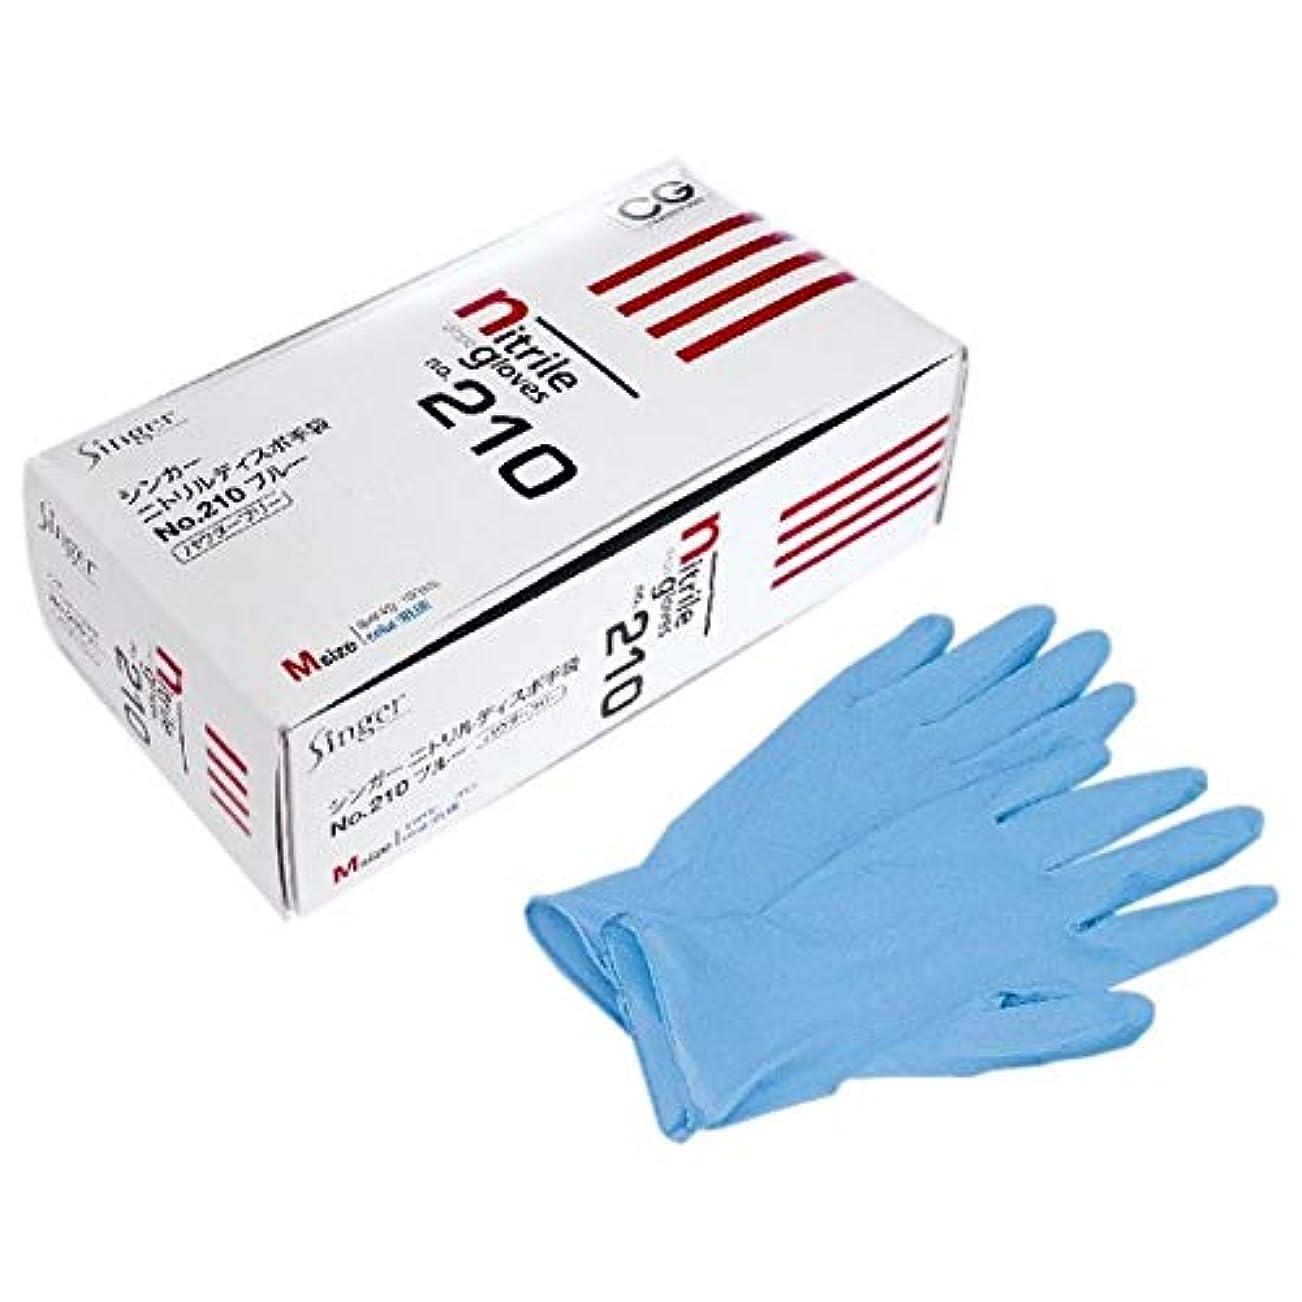 シンガーニトリルディスポ手袋 No.210 青 パウダーフリー Lサイズ 100枚×20箱入